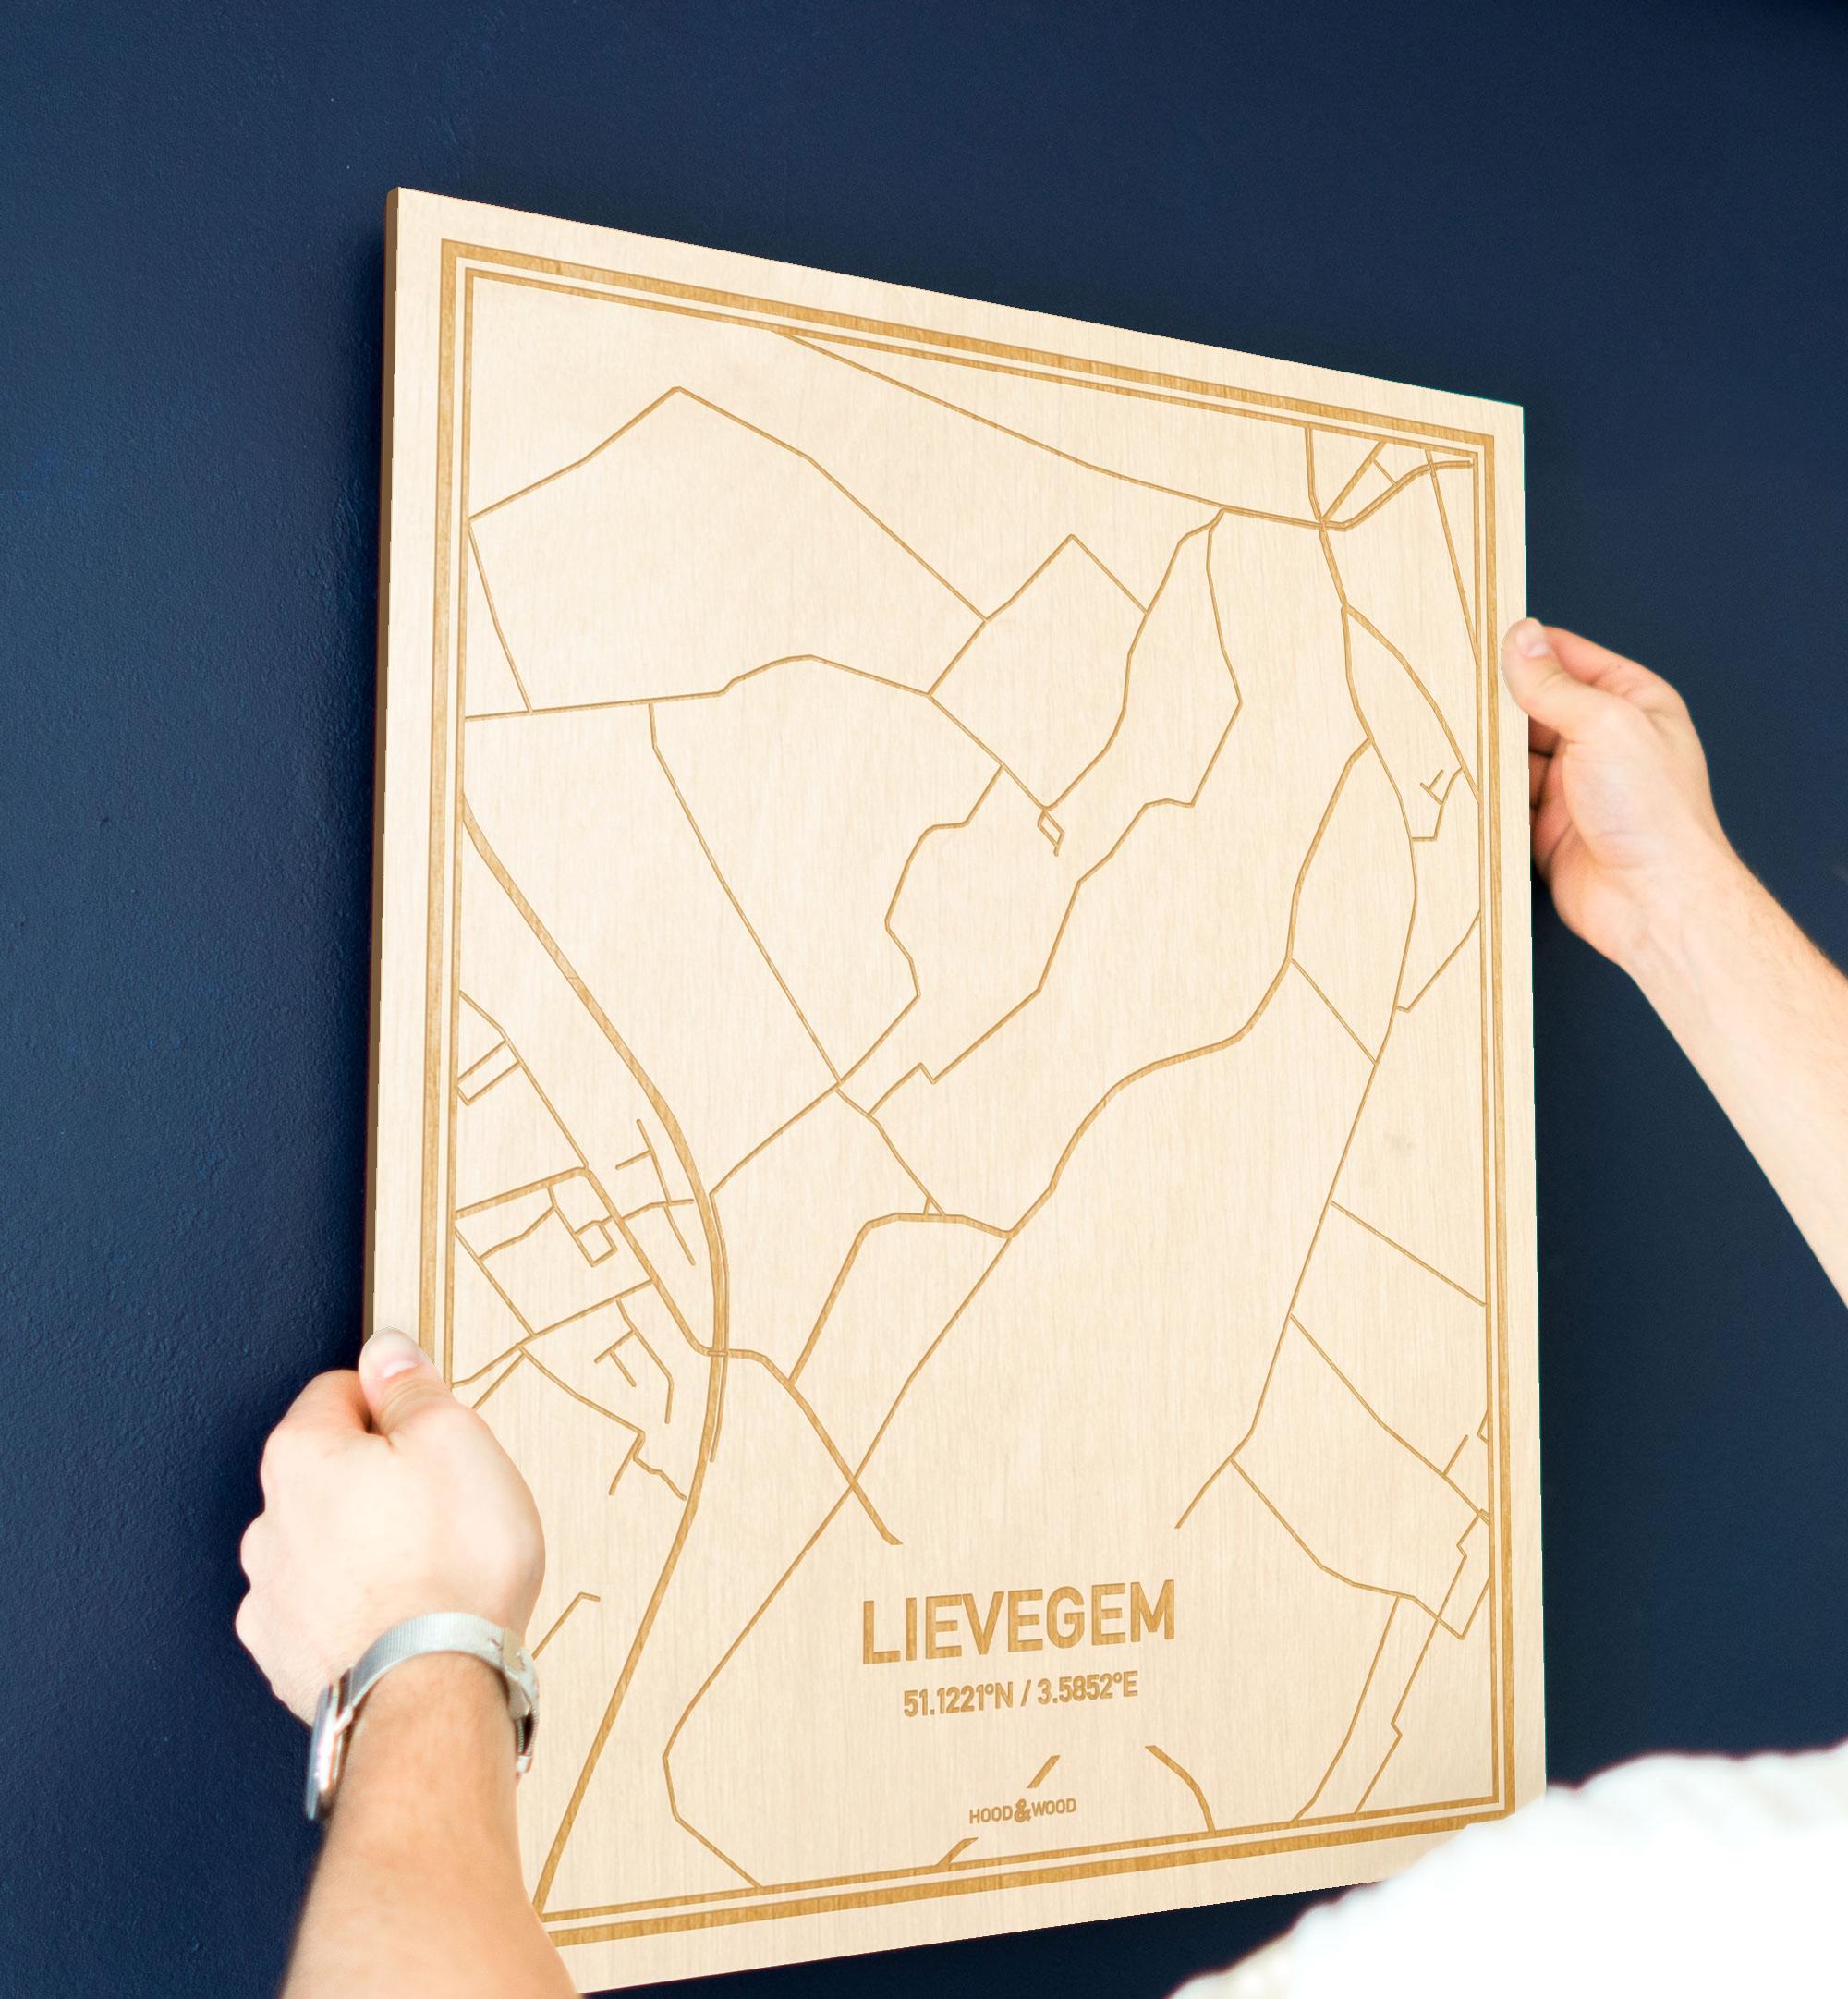 Een man hangt de houten plattegrond Lievegem aan zijn blauwe muur ter decoratie. Je ziet alleen zijn handen de kaart van deze bijzondere in Oost-Vlaanderen  vasthouden.